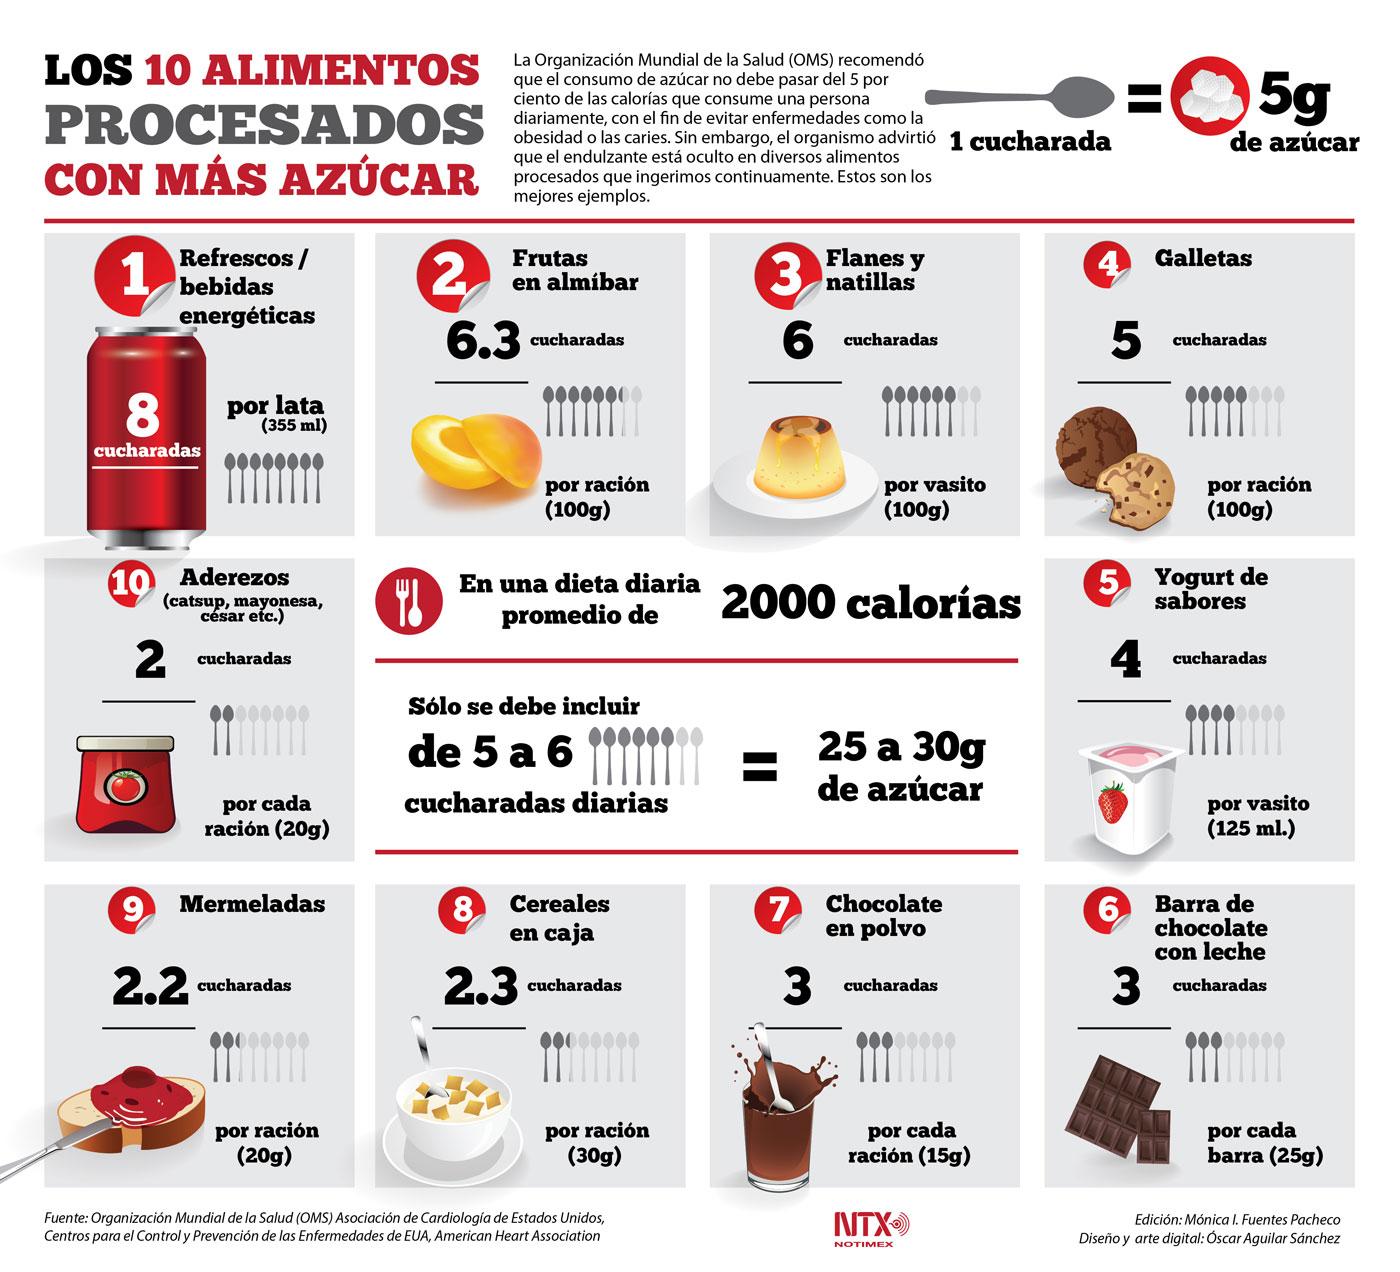 ¿Cómo saber la equivalencia de azúcar de los alimentos que